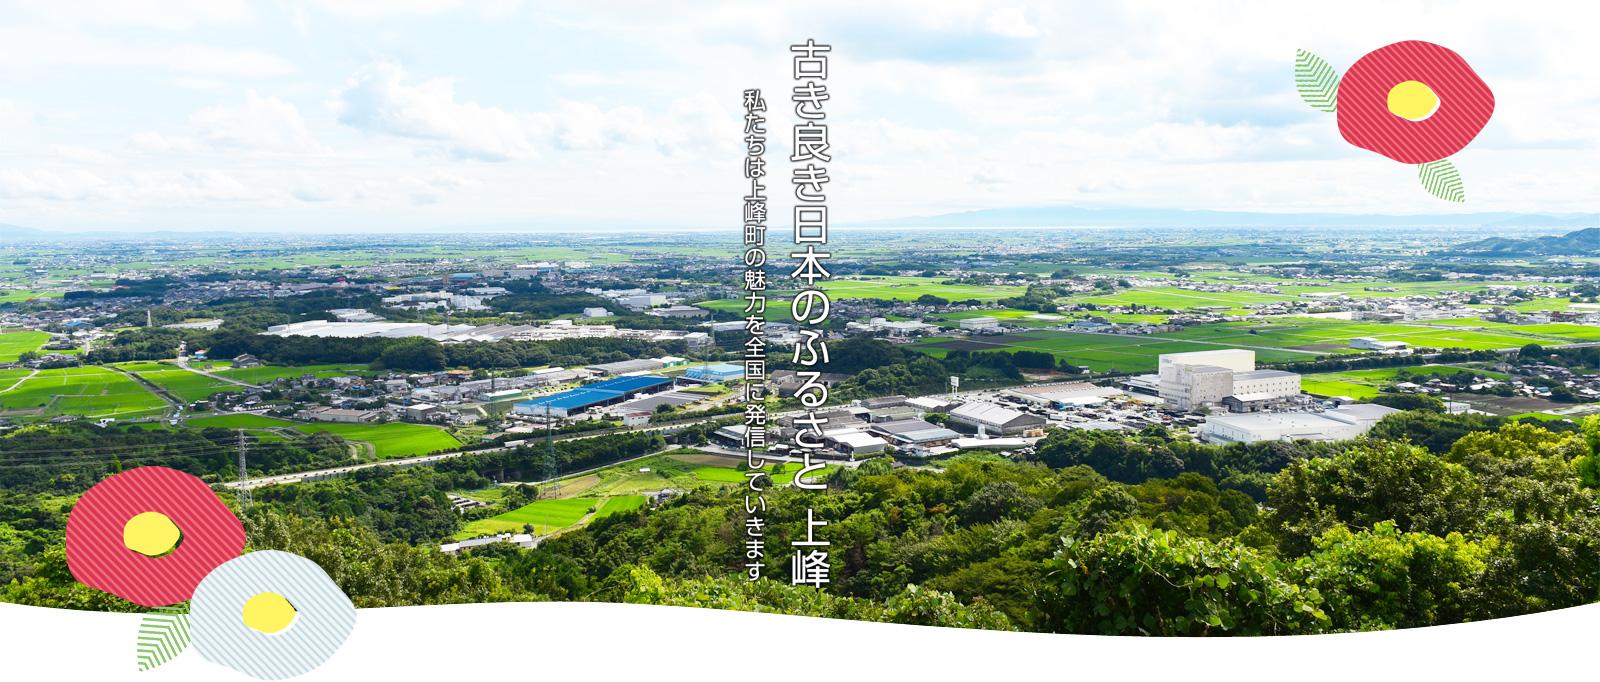 古き良き日本のふるさと上峰 私たちは上峰町の魅力を全国に発信していきます